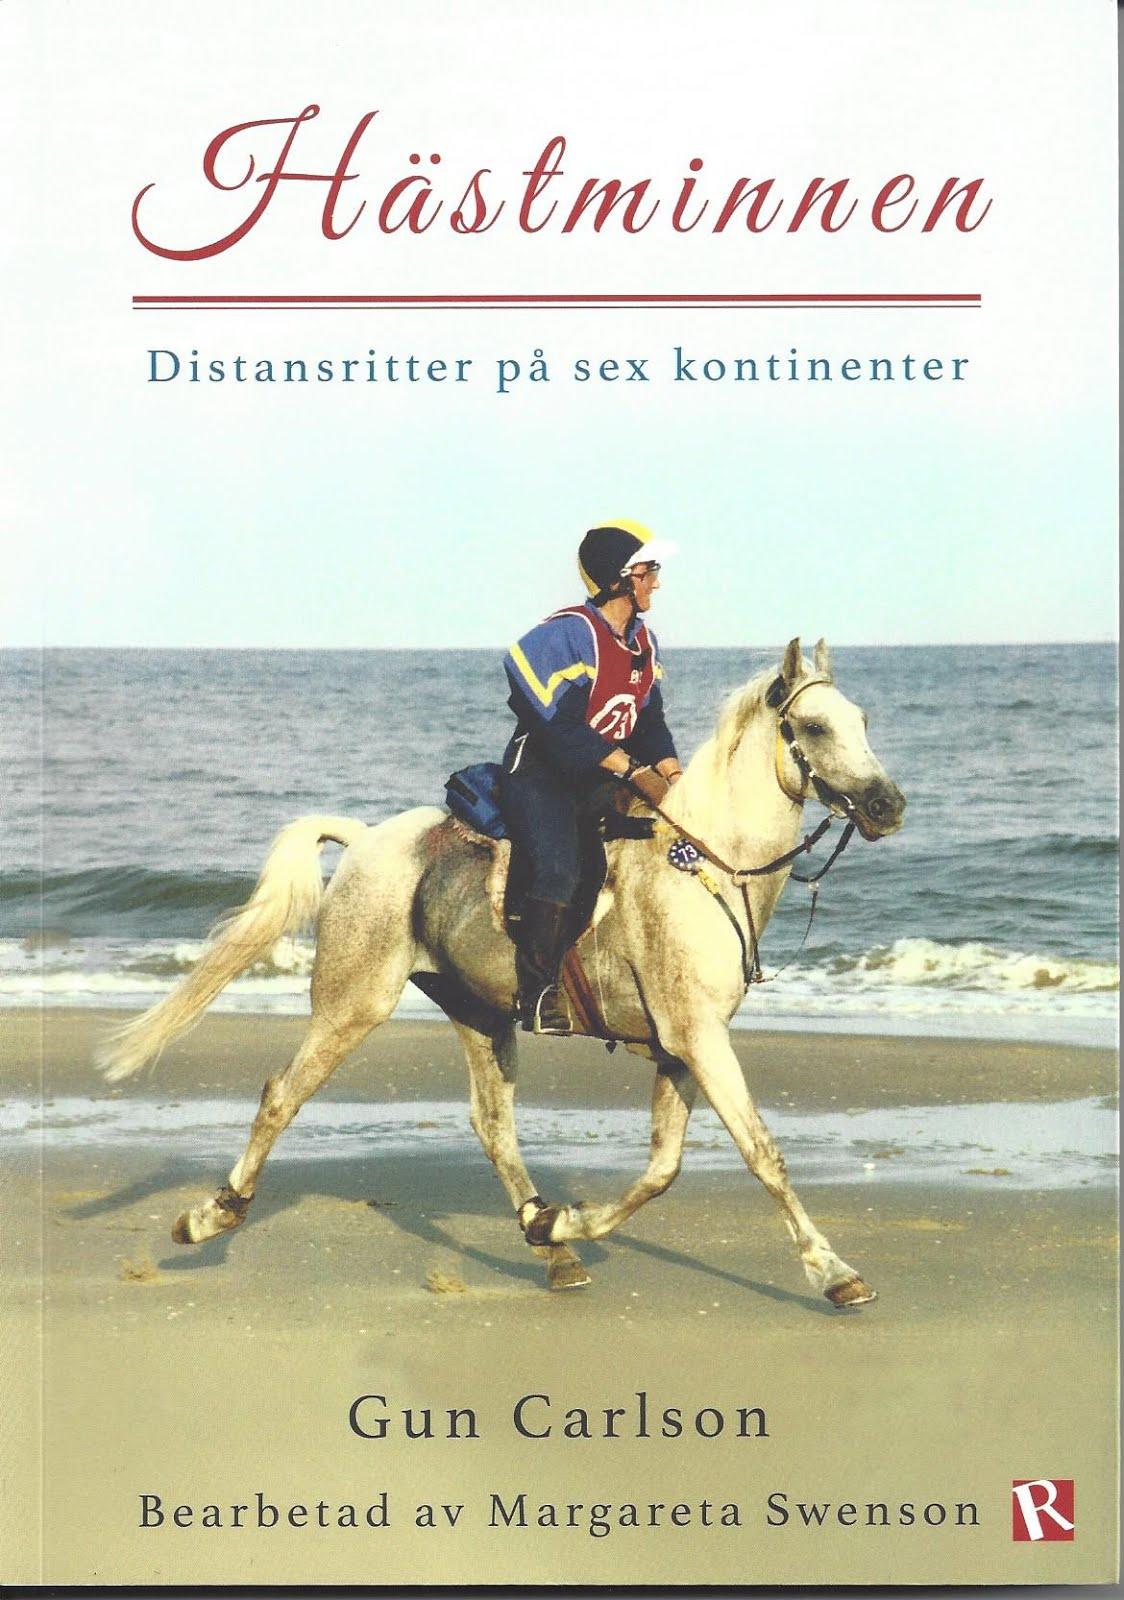 Ännu nyare bok: Hästminnen - distansritter på sex kontinenter